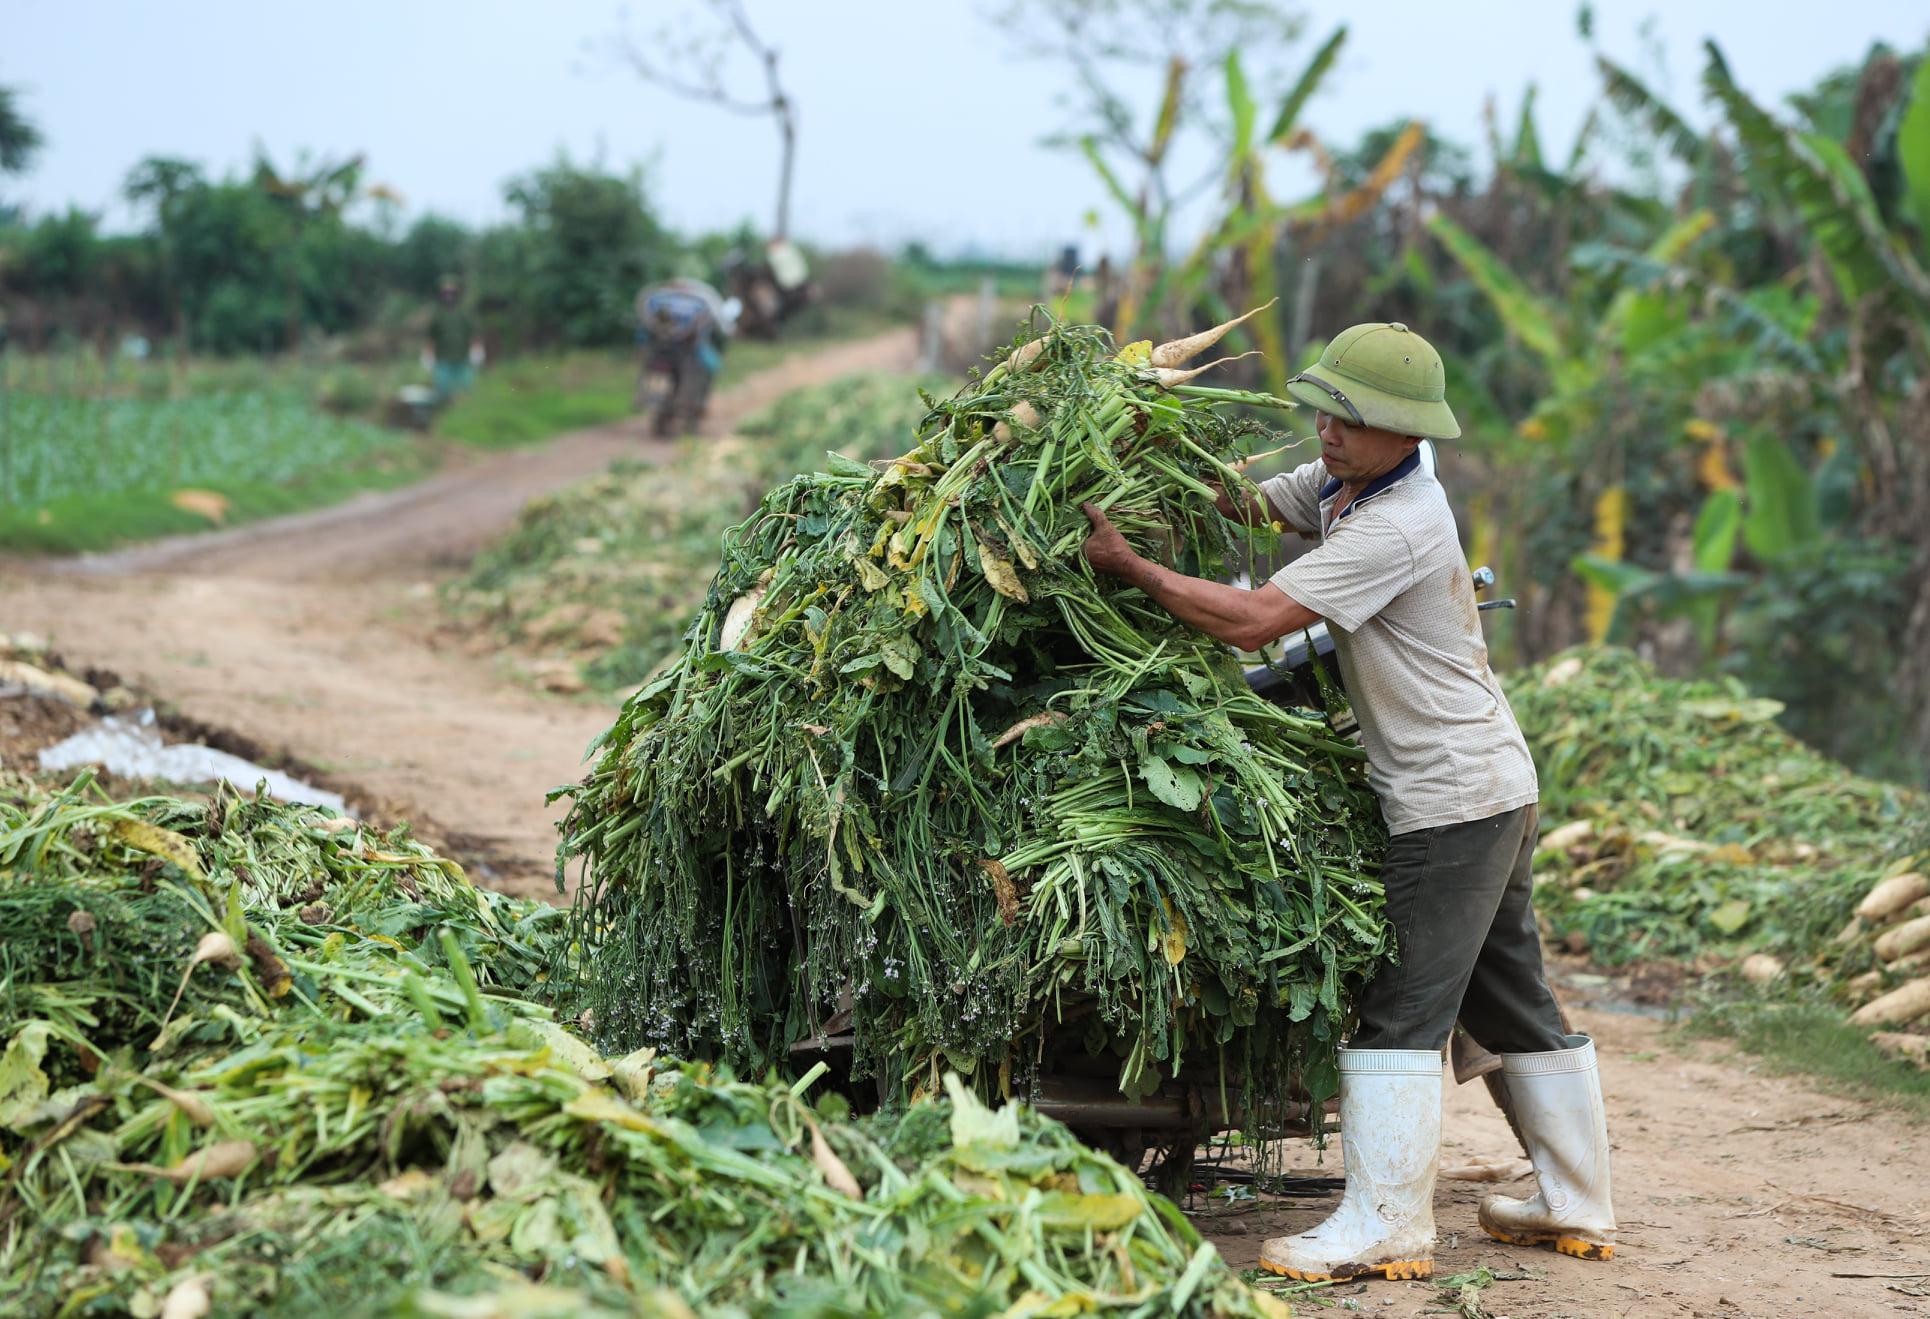 Hàng trăm tấn củ cải rớt giá thảm hại, người dân Hà Nội xót xa nhổ bỏ vì bán không ai mua - Ảnh 3.